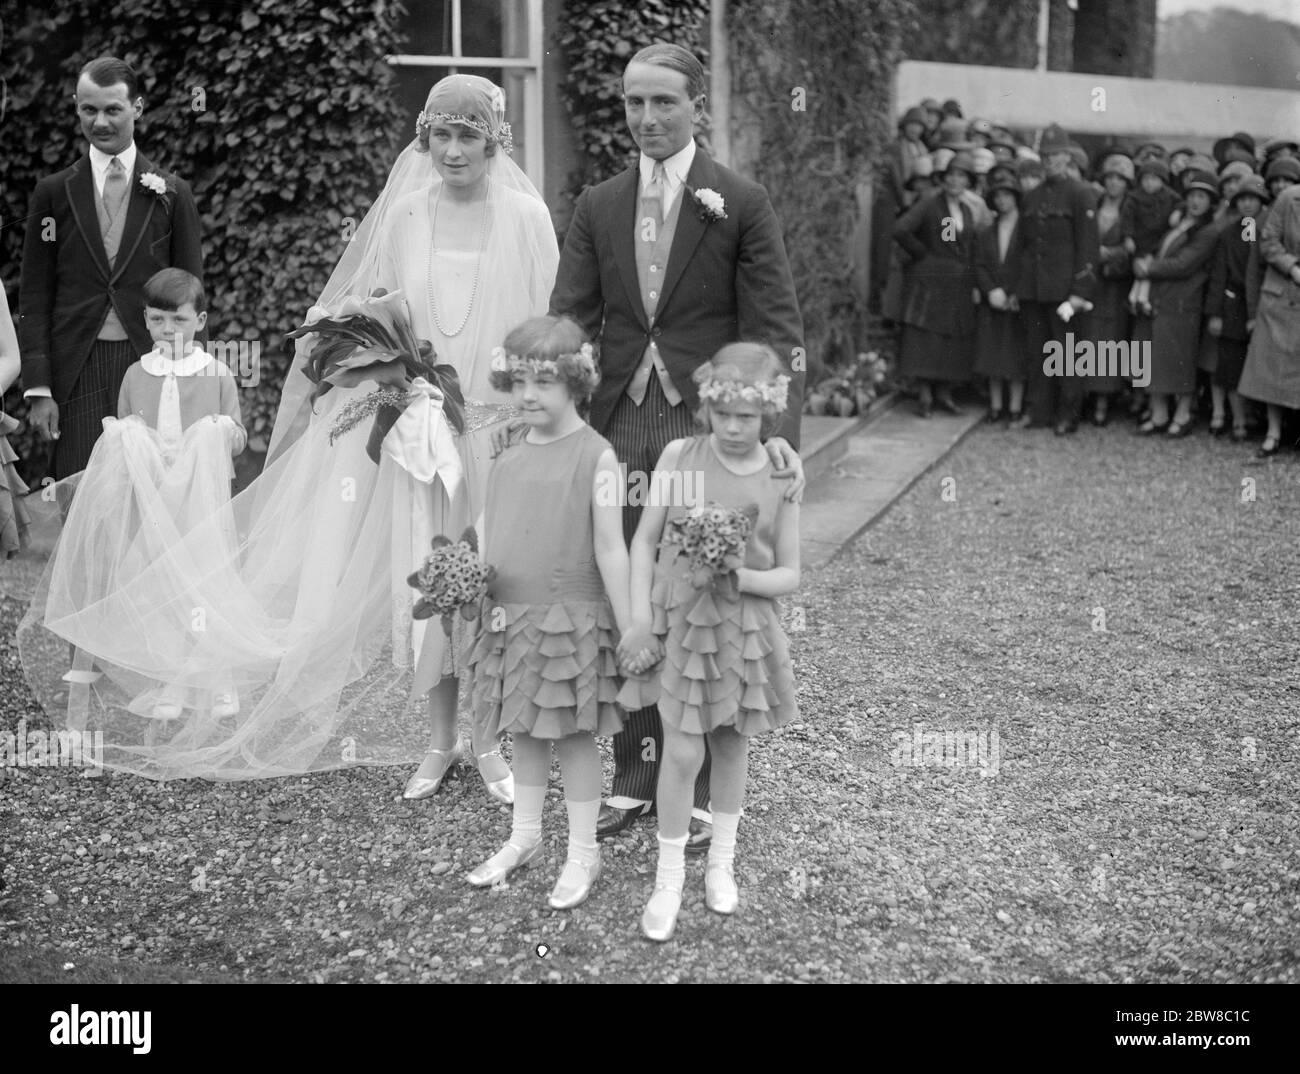 El hermano del conde de Westopelands se jordeñó. La boda tuvo lugar en Hollywell el jueves en el Hon Mountjoy Fane y Miss Ackland Hood . Novia y novio después de la ceremonia . 29 de abril de 1926 Foto de stock